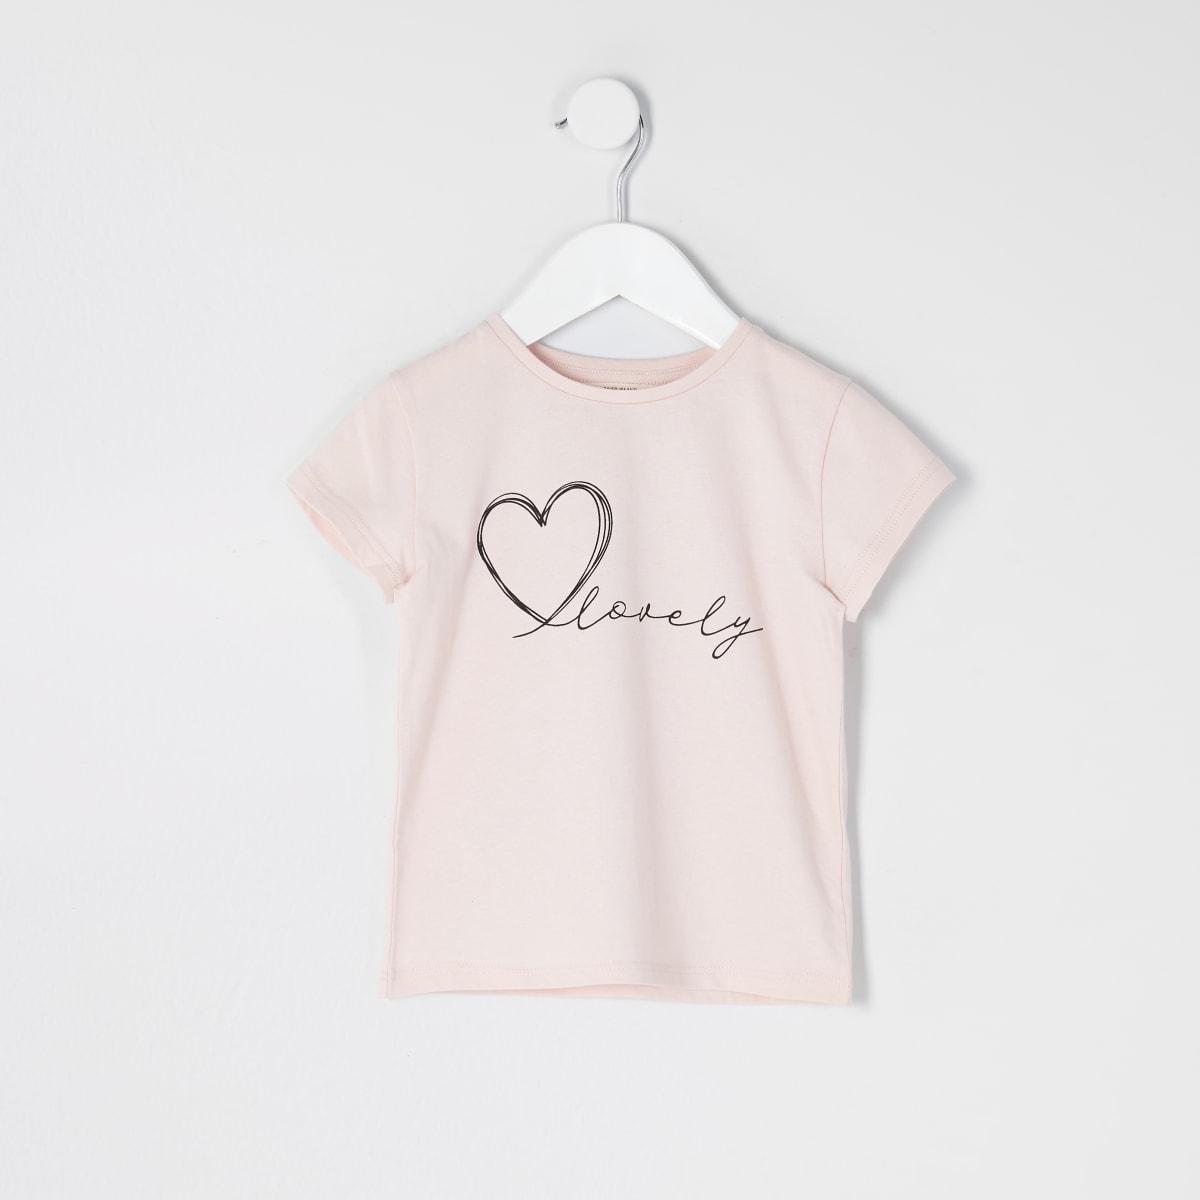 Mini - Roze T-shirt met 'Lovely'-tekst voor meisjes